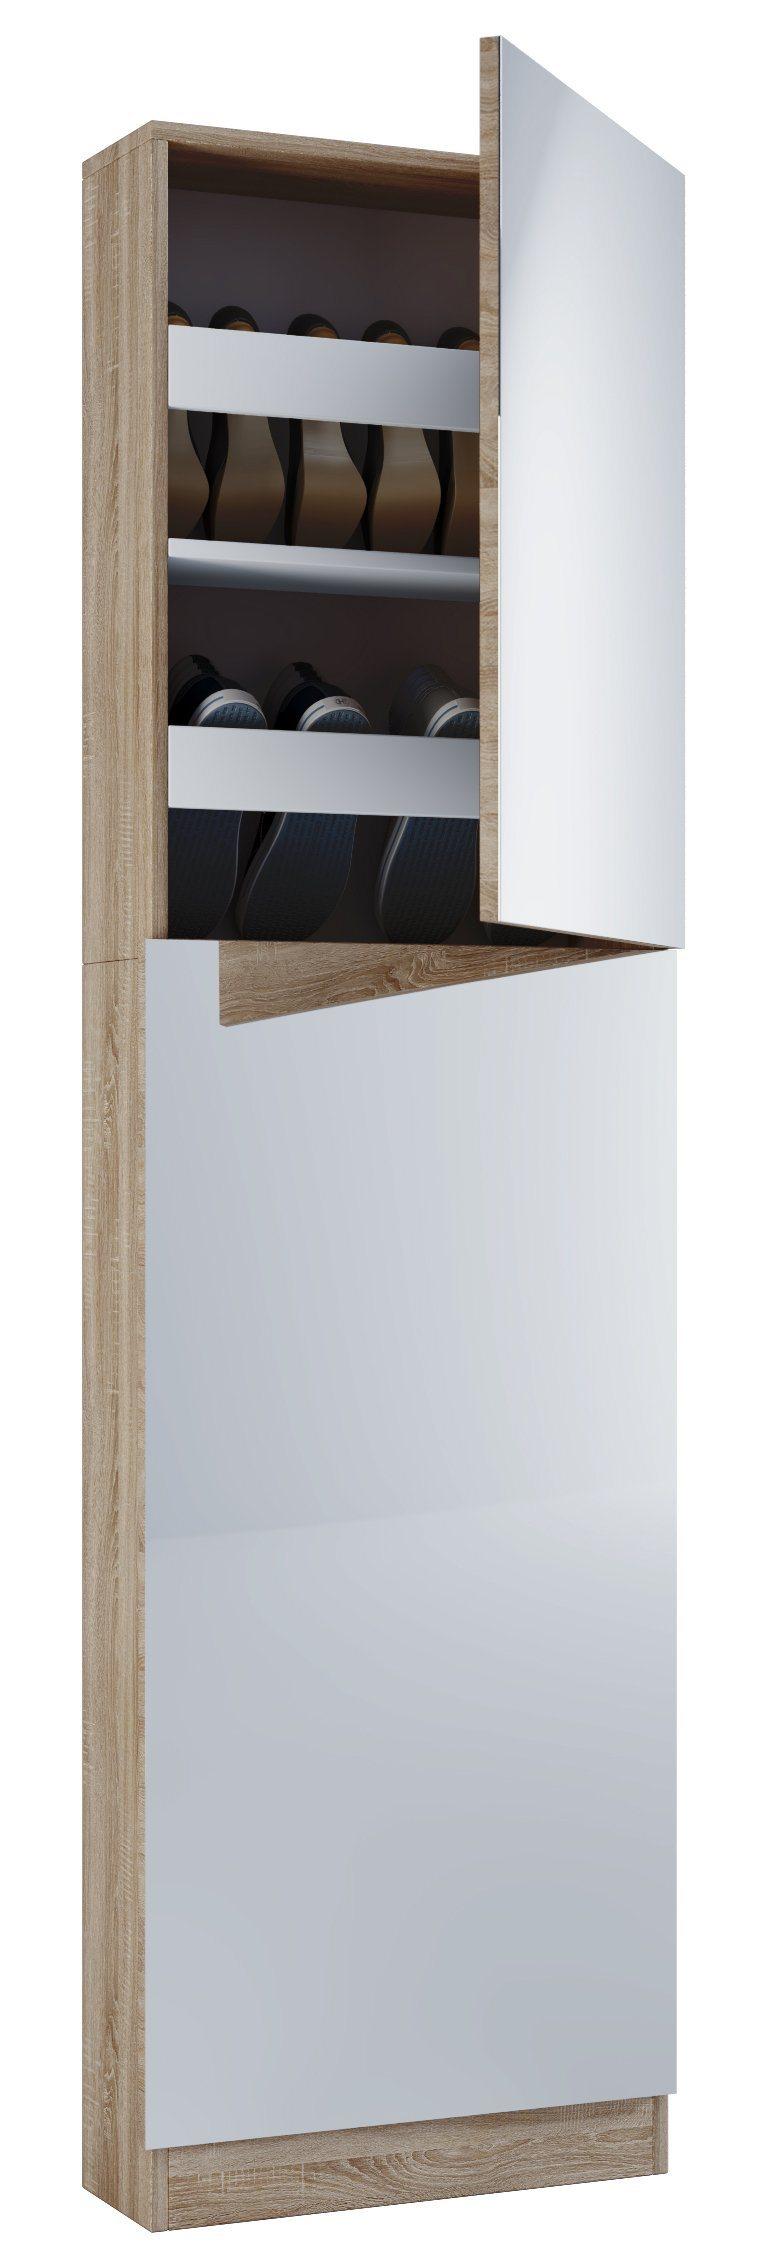 designer schuhschrank mit spiegel preisvergleich die. Black Bedroom Furniture Sets. Home Design Ideas